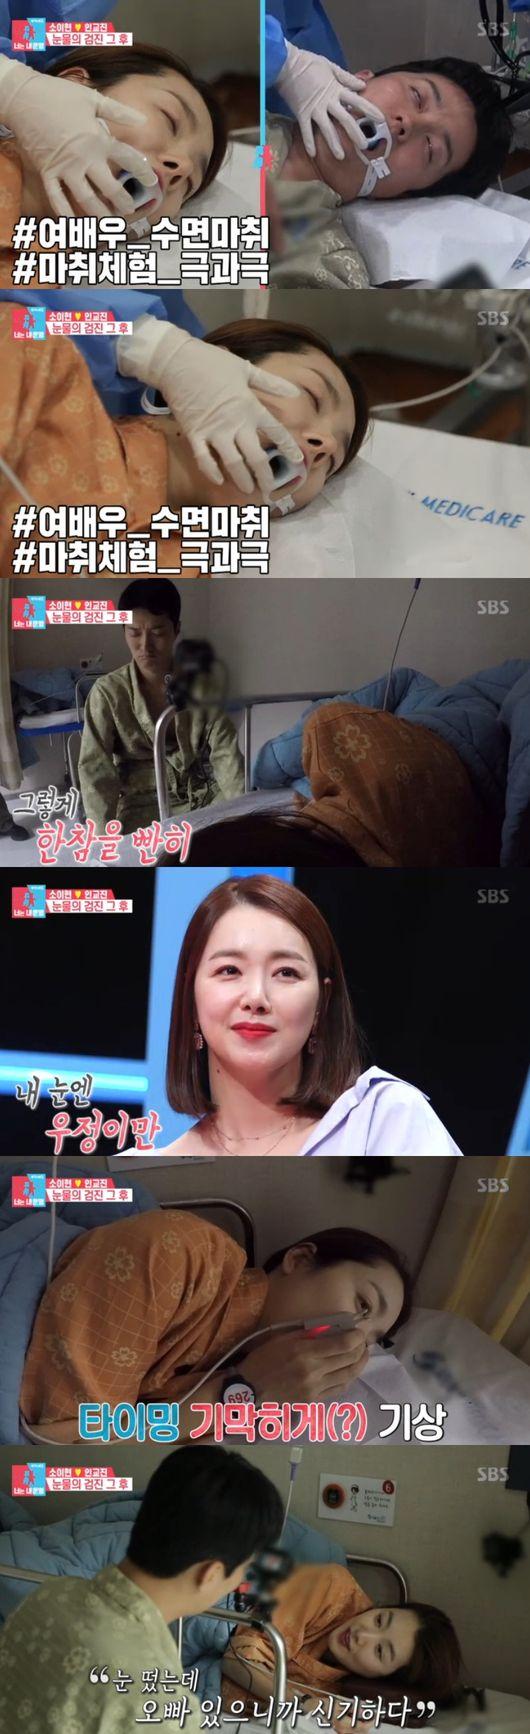 동상2 소이현♥인교진, 건강검진에 울고 웃고(ft.흙탕물전쟁)[Oh!쎈 리뷰]